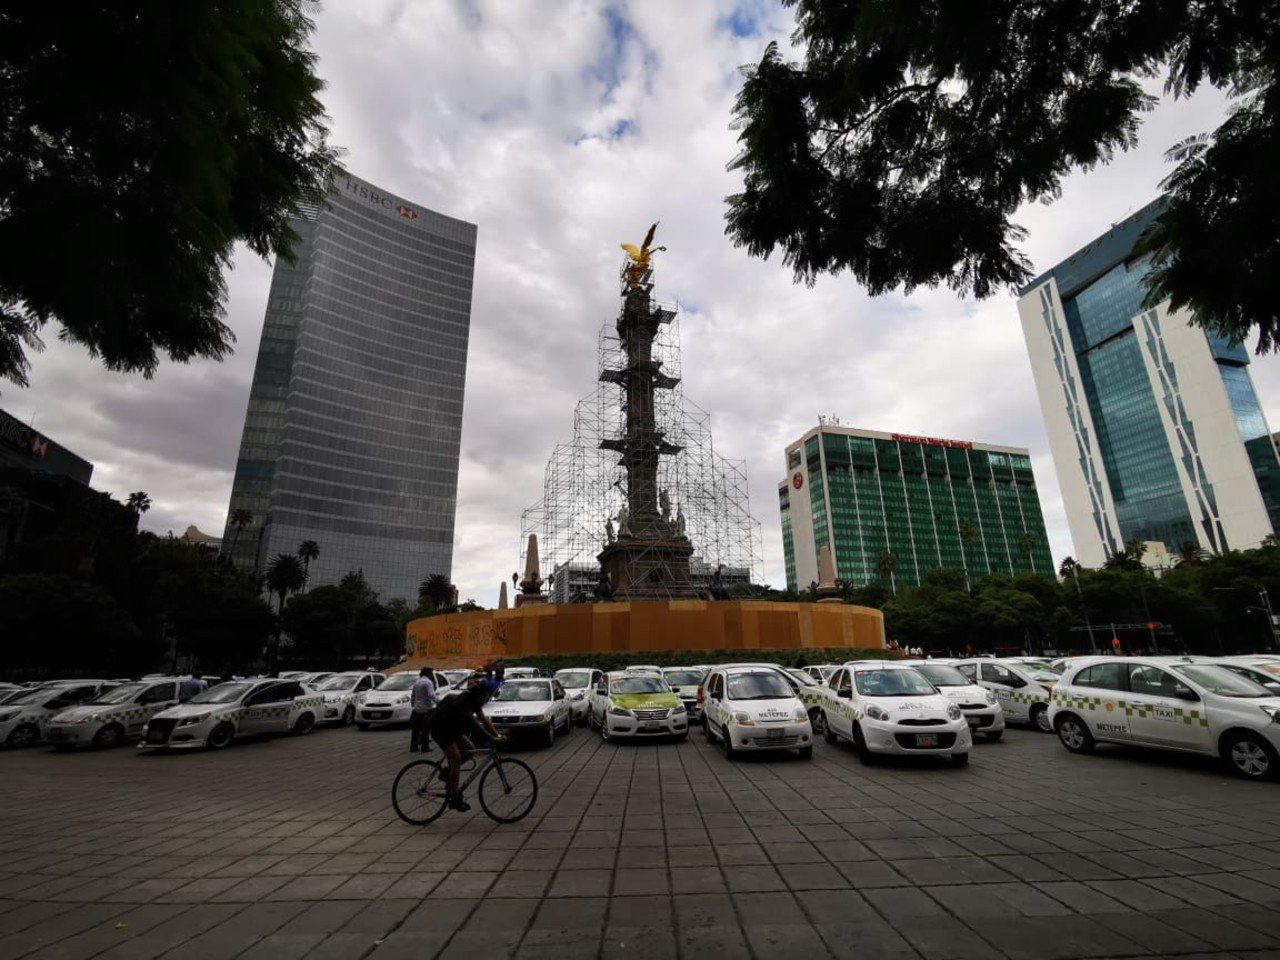 Gobierno y taxistas acuerdan retirar bloqueos; revisarán si apps son legales